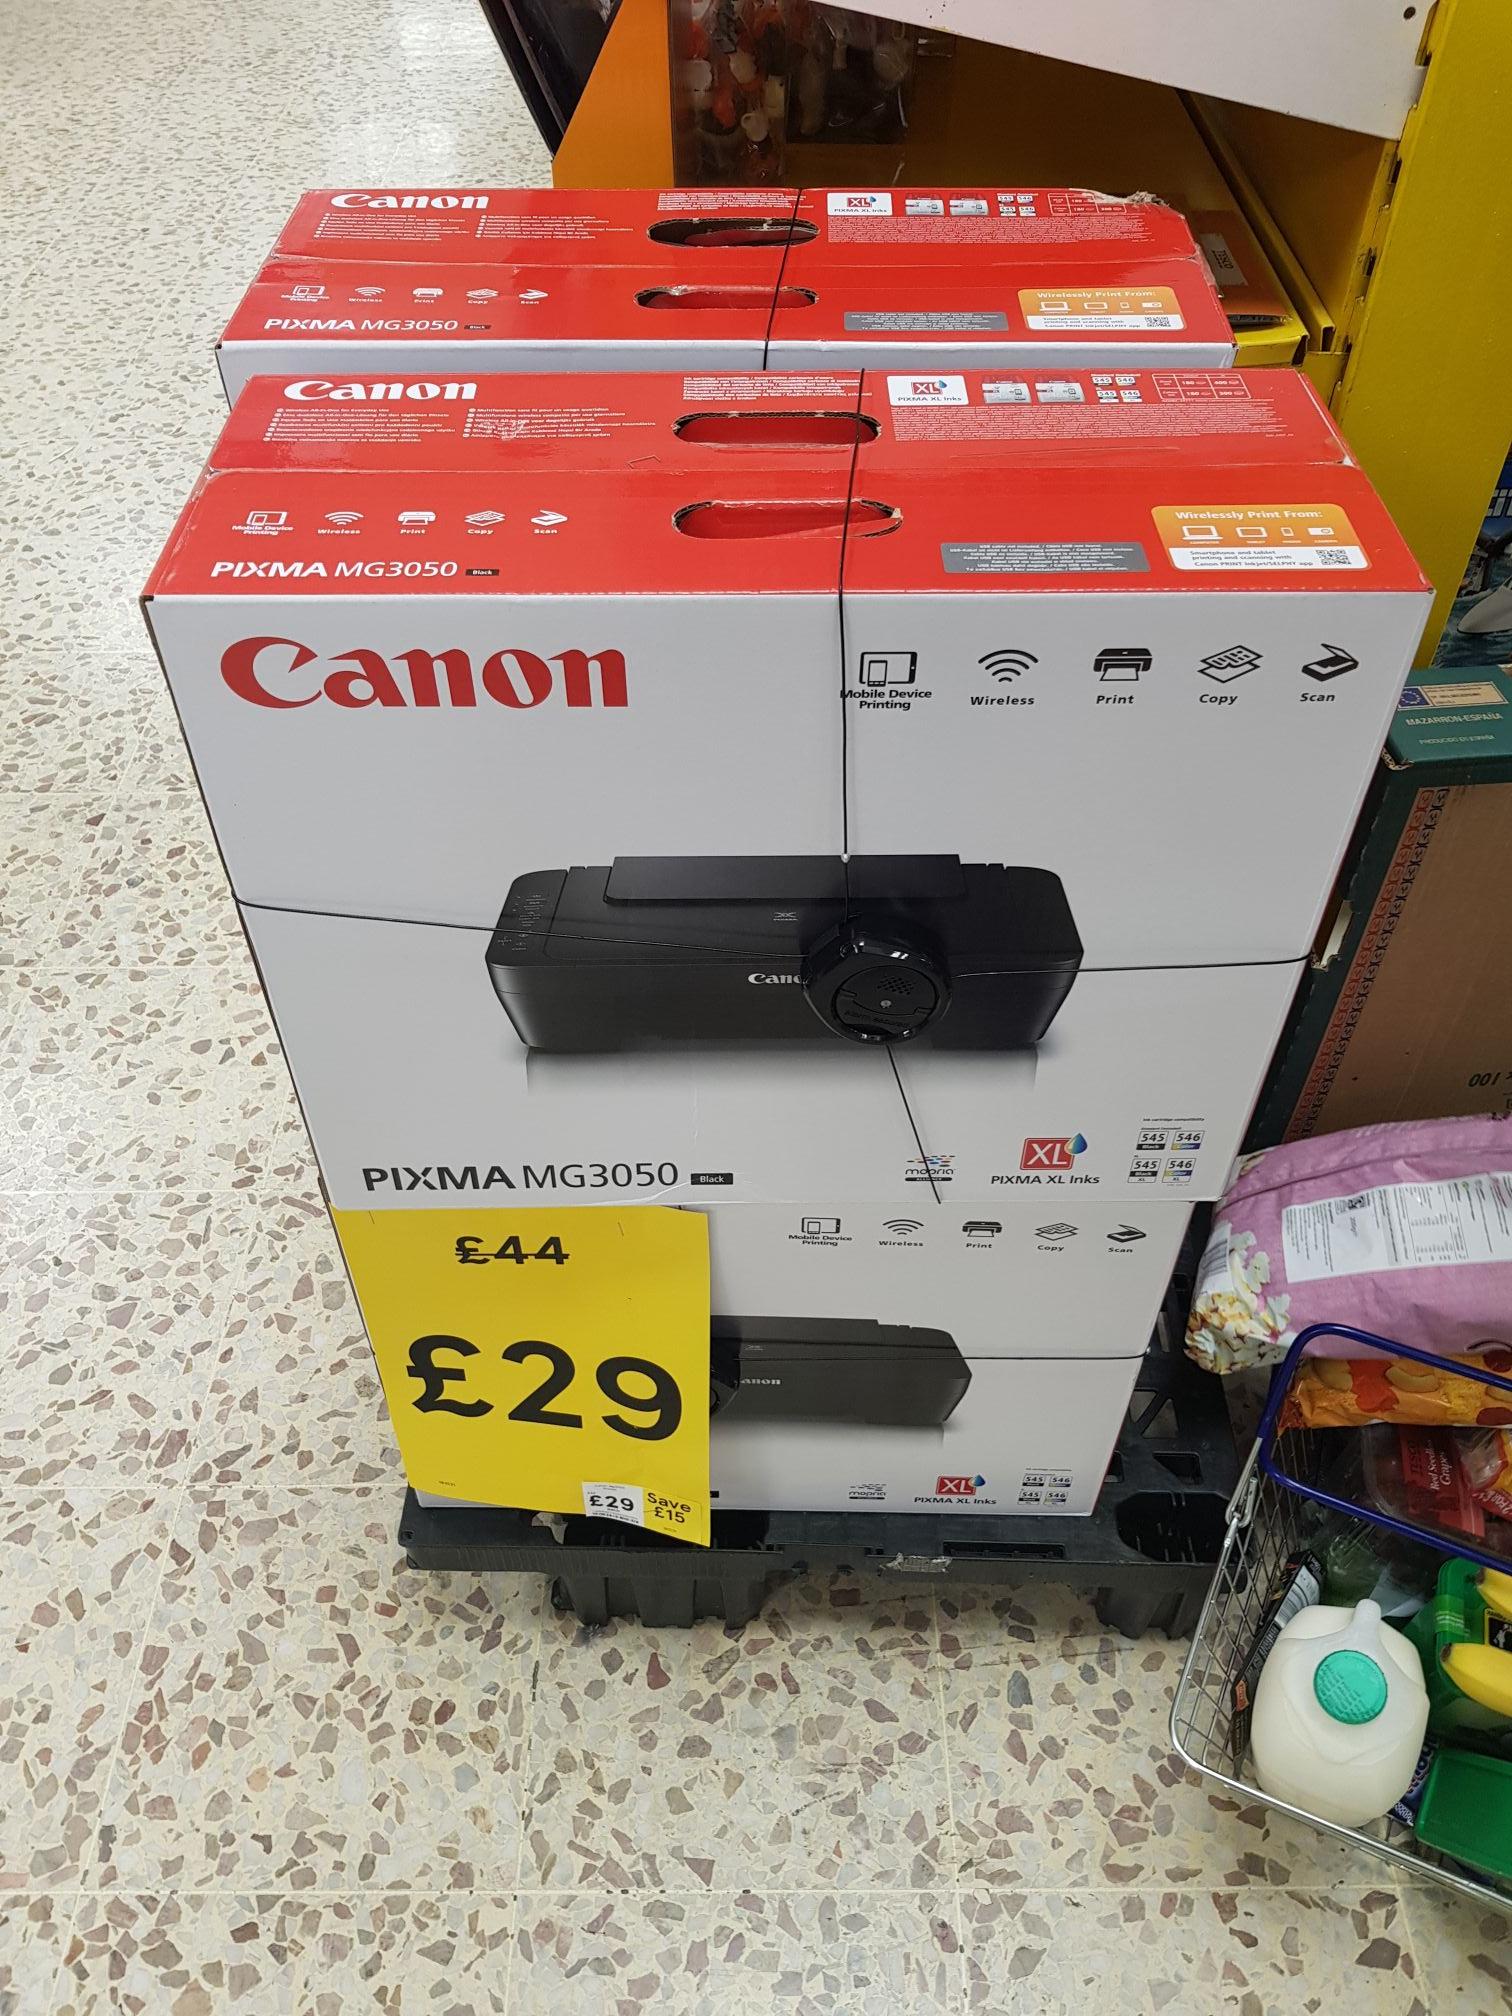 Canon Pixma MG3050 Wireless Printer £29 @ Tesco instore